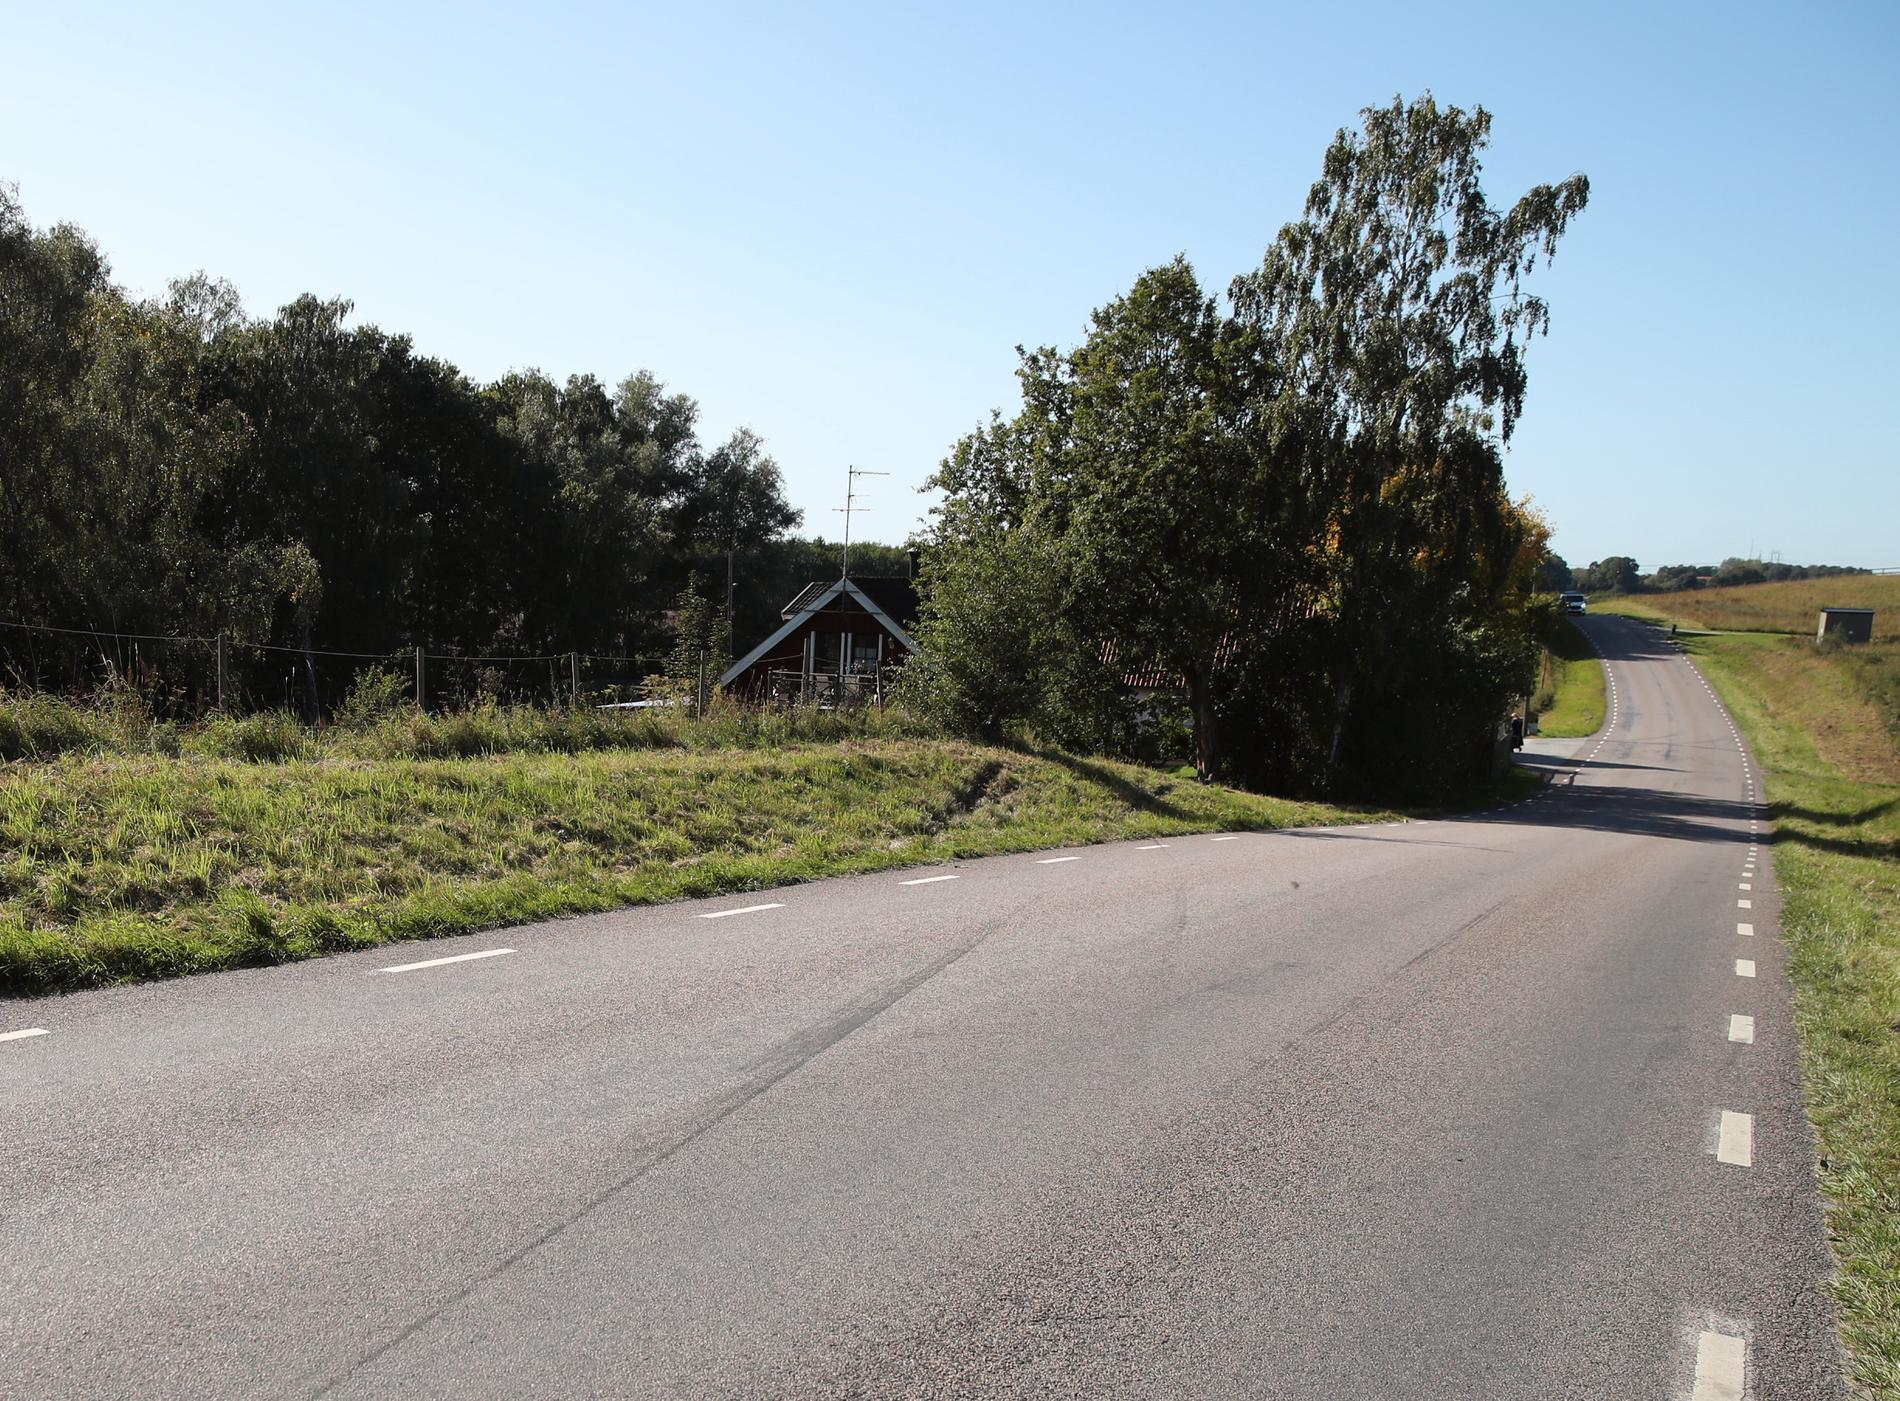 På vägen syns bromsspåren efter olyckan.